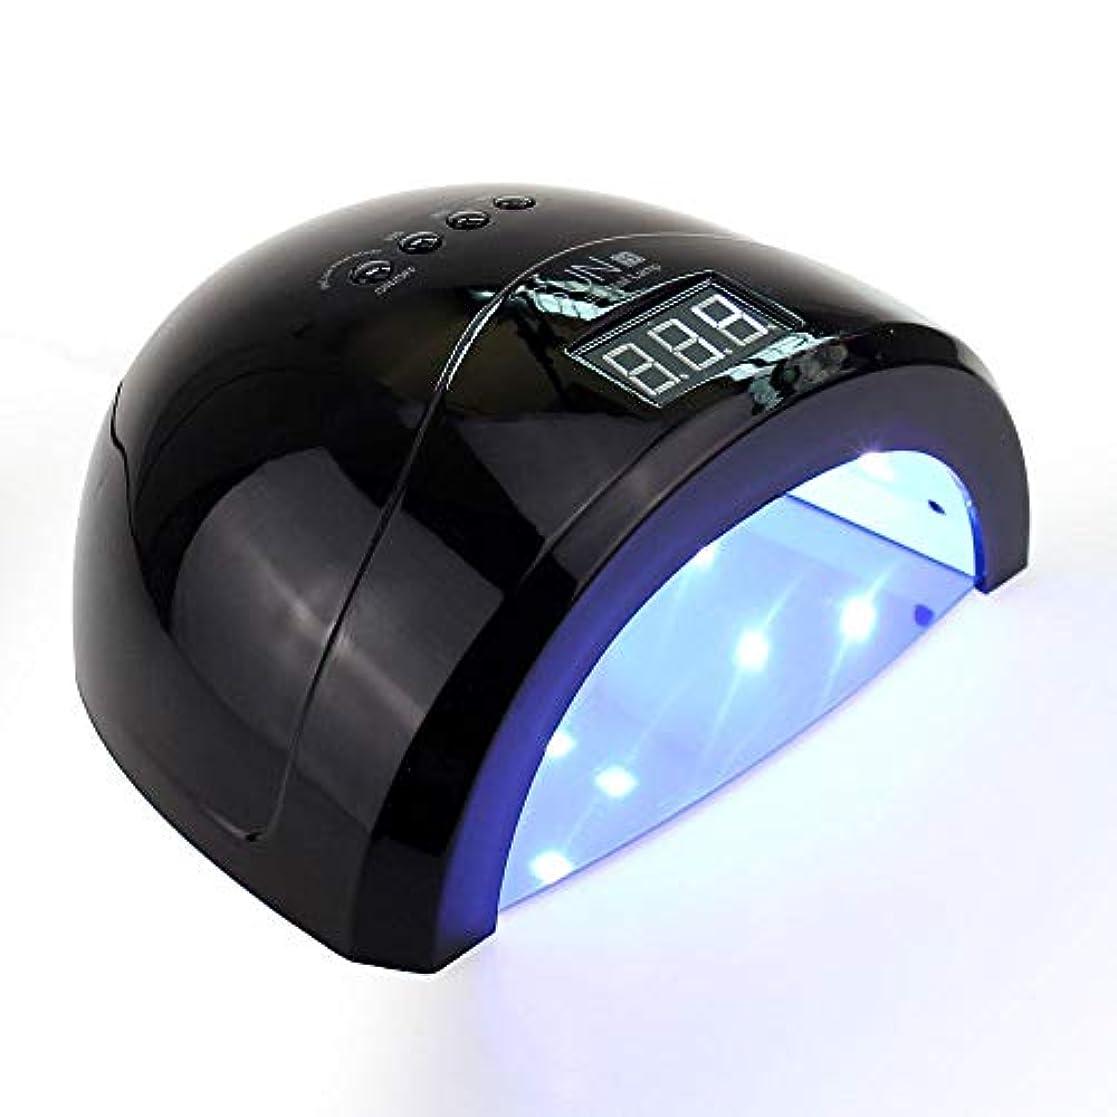 48wネイルドライヤーランプ、導かれた紫外線ネイルランプ、センサー/タイマーの設定が付いている釘治癒ランプライト10s 30s 60sビルダーゲル,Black